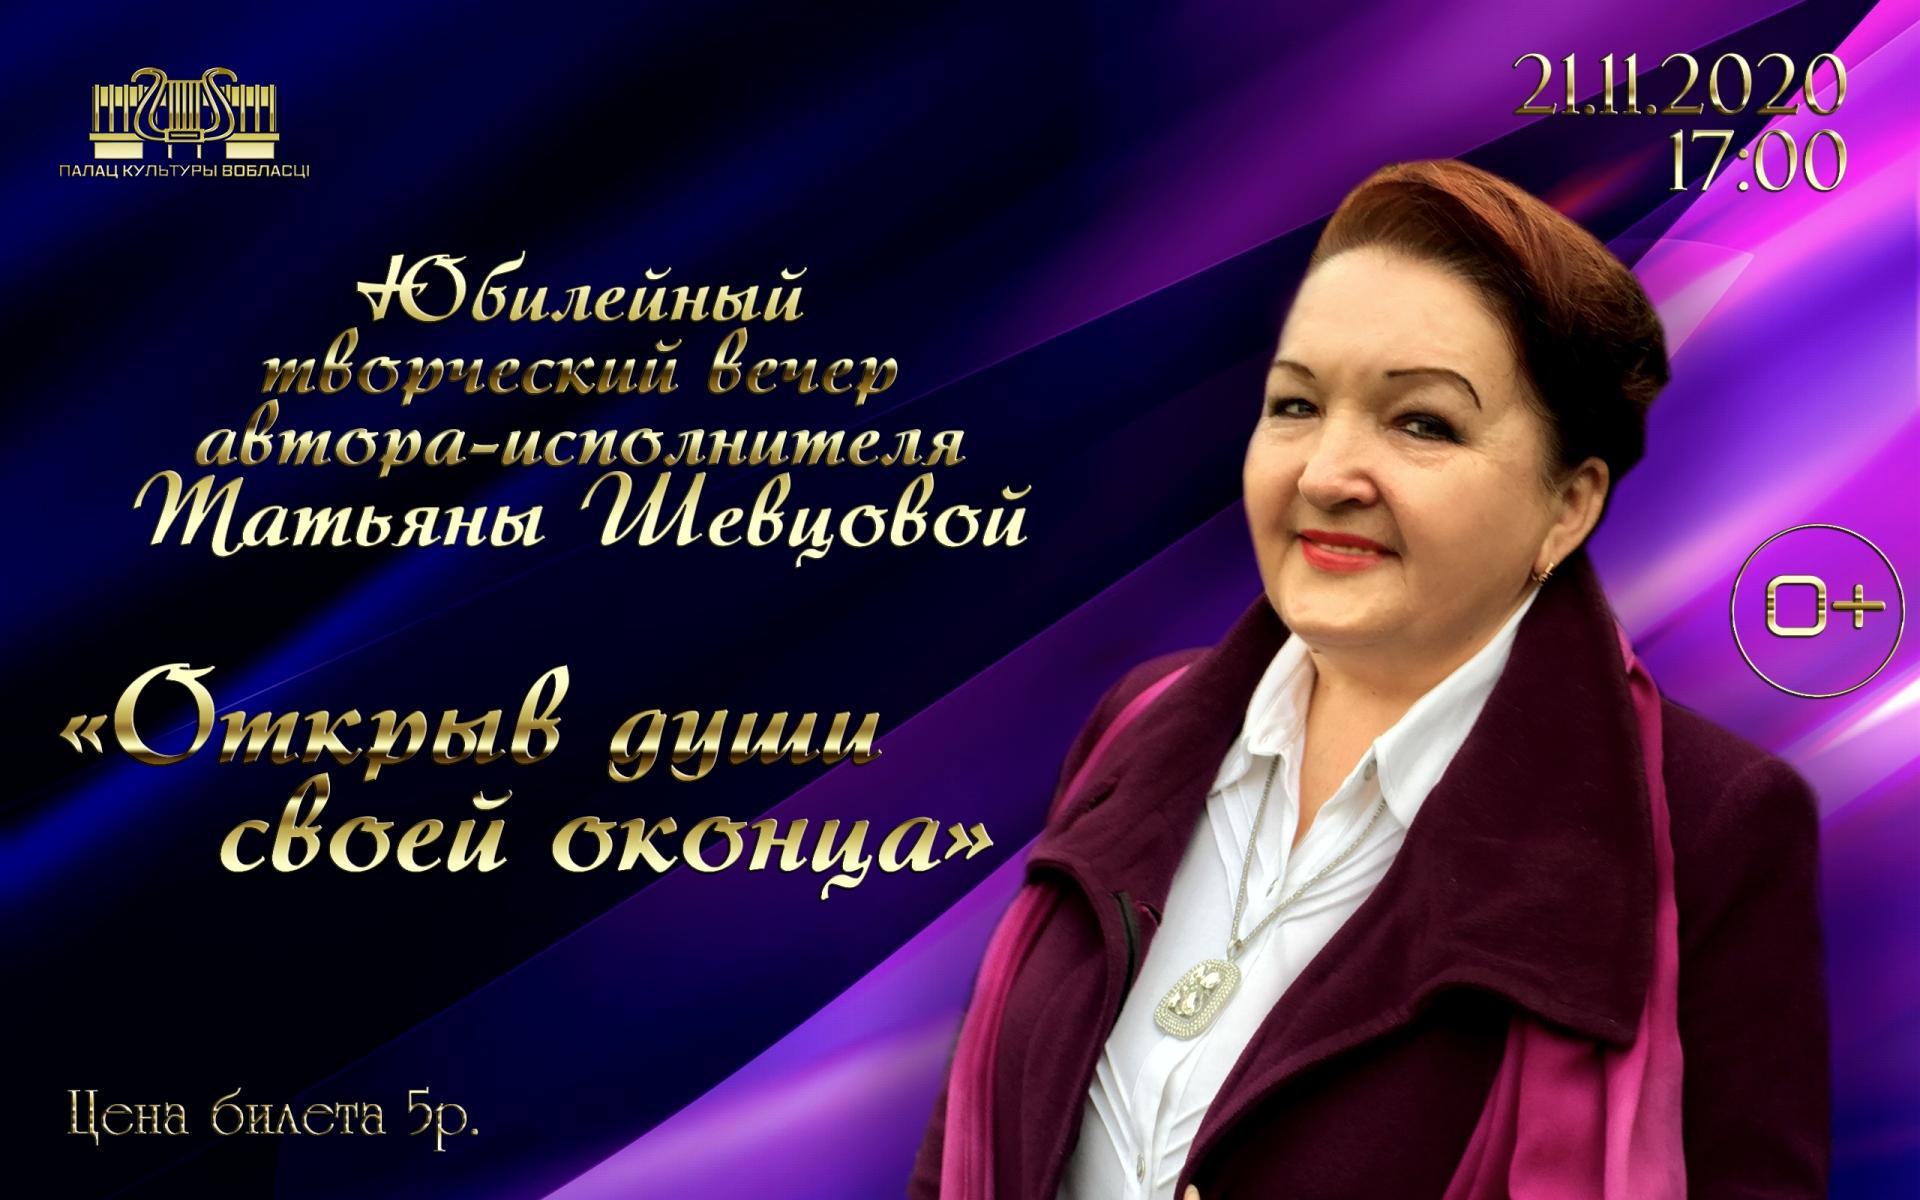 Юбилейный творческий вечер автора-исполнителя Татьяны Шевцовой пройдет вМогилеве